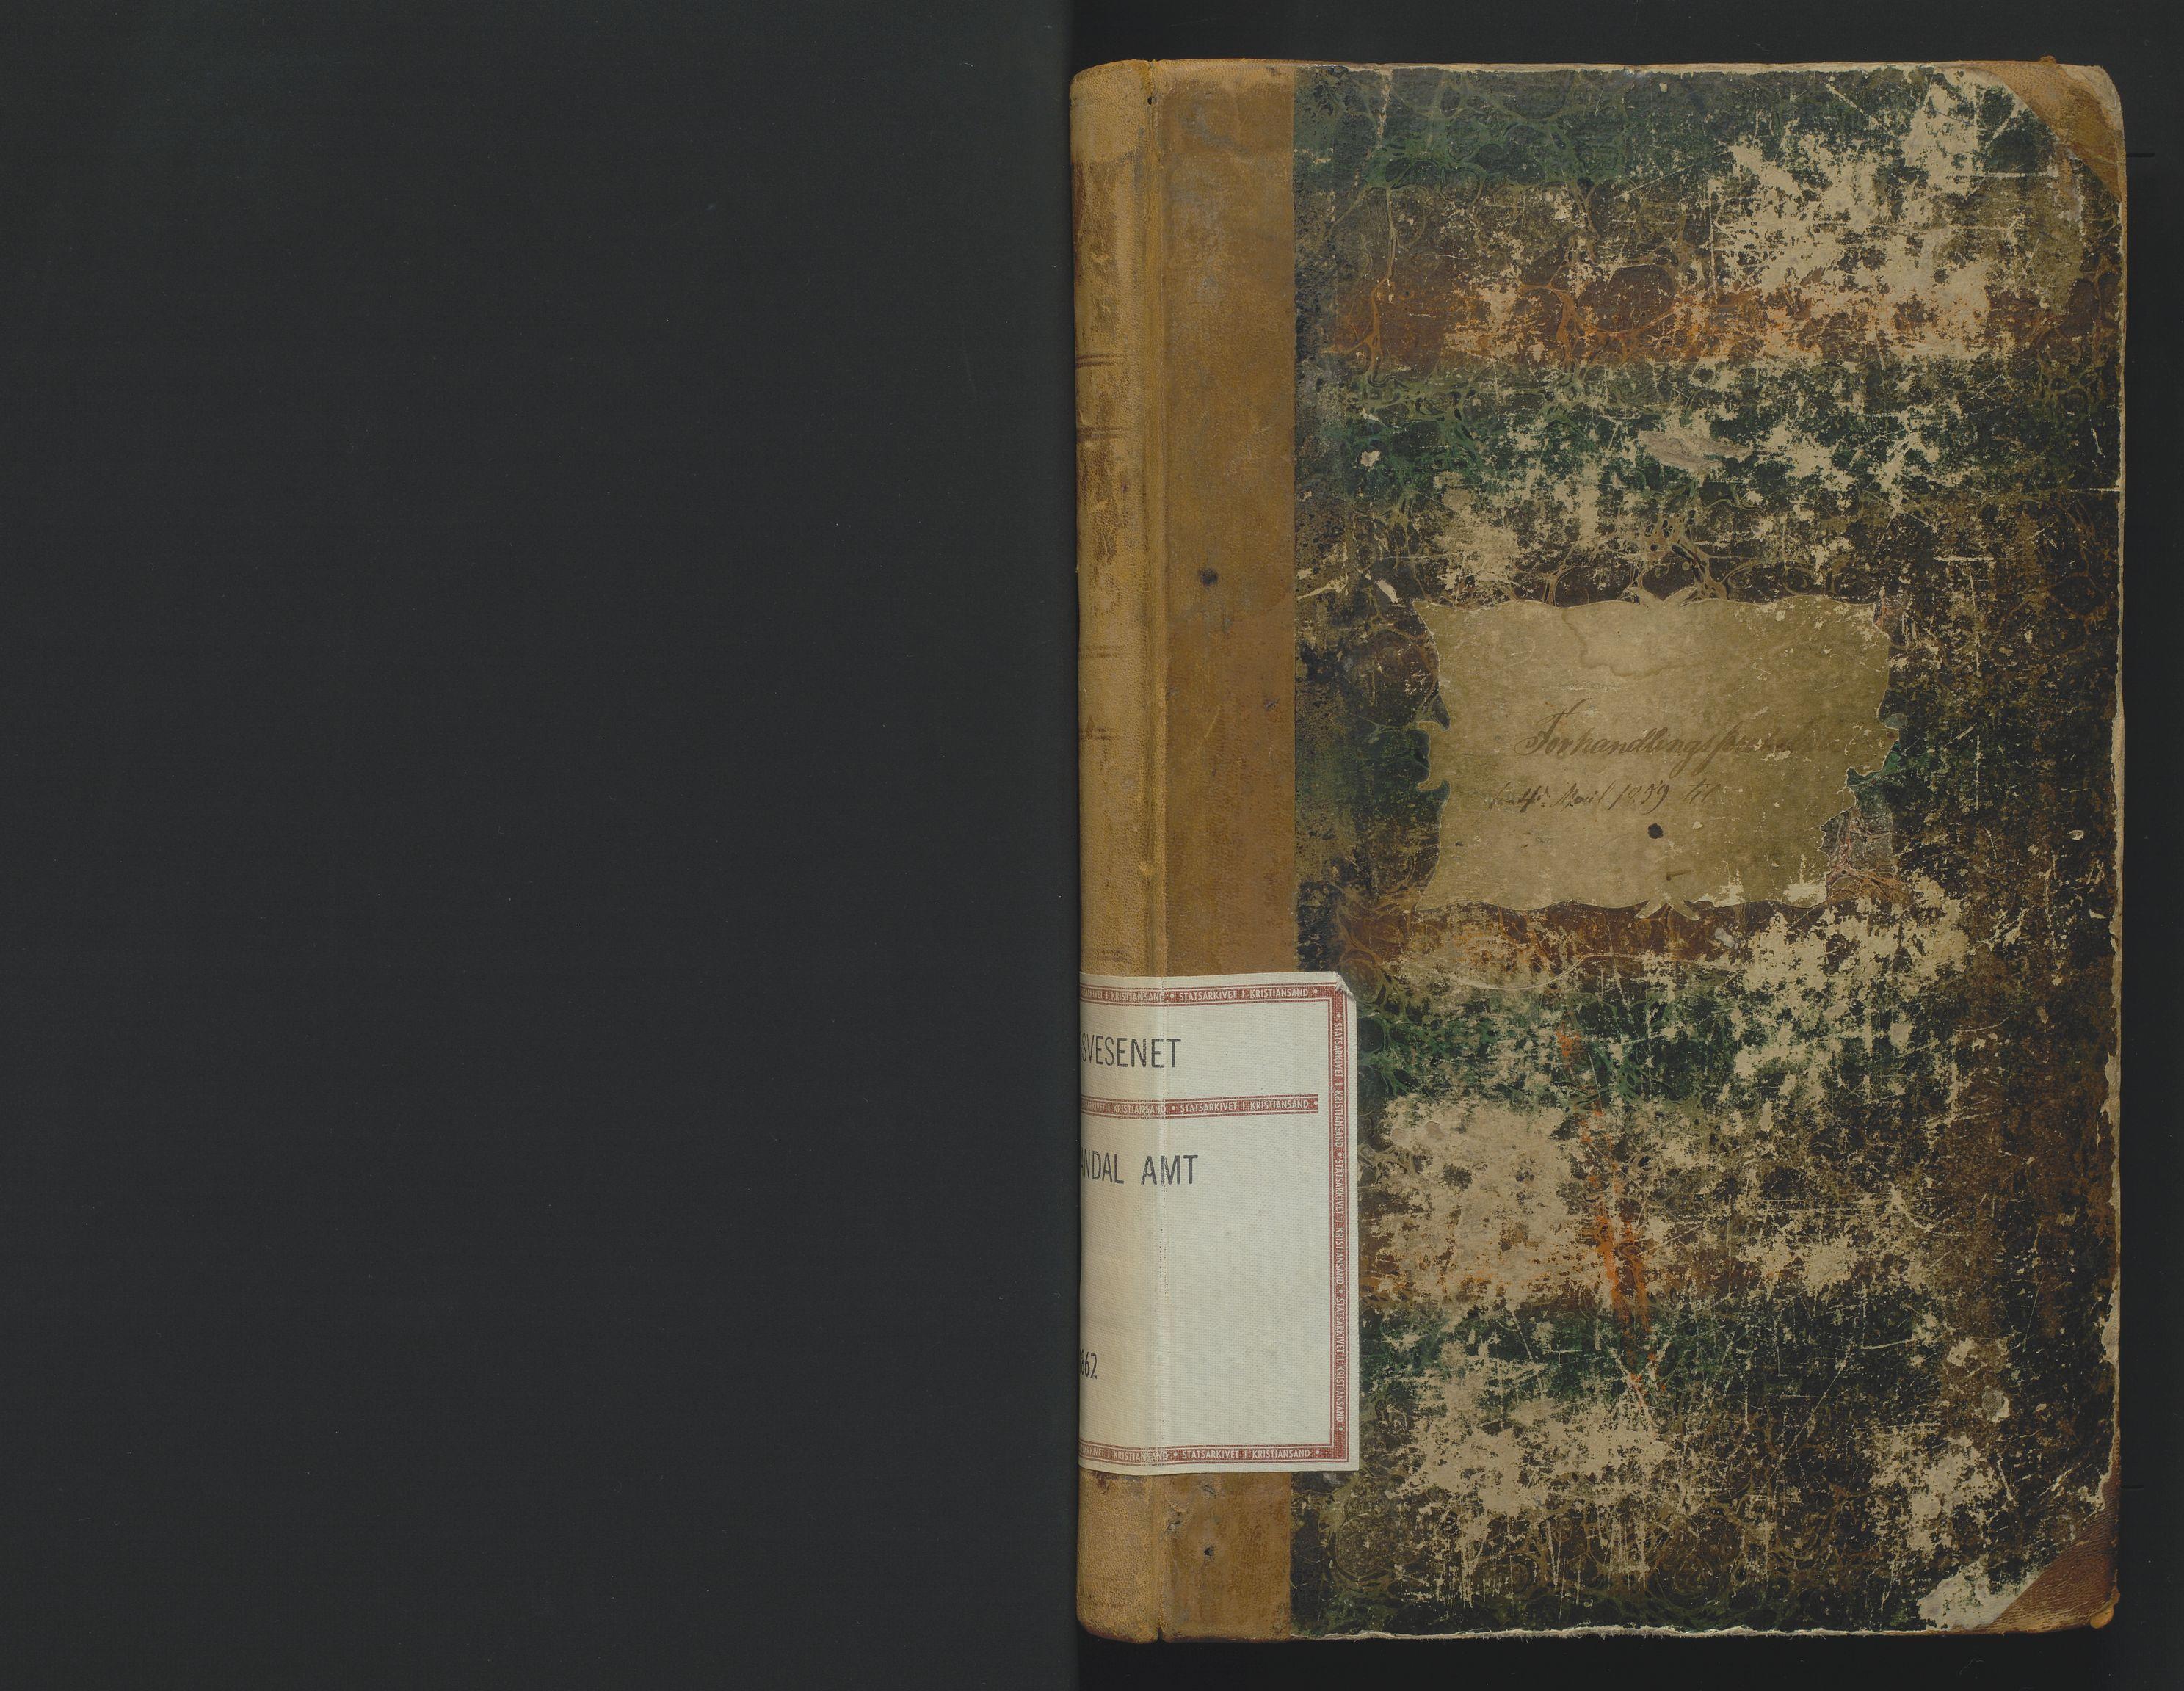 SAK, Utskiftningsformannen i Lister og Mandal amt, F/Fa/Faa/L0001: Utskiftningsprotokoll med register nr 1, 1859-1862